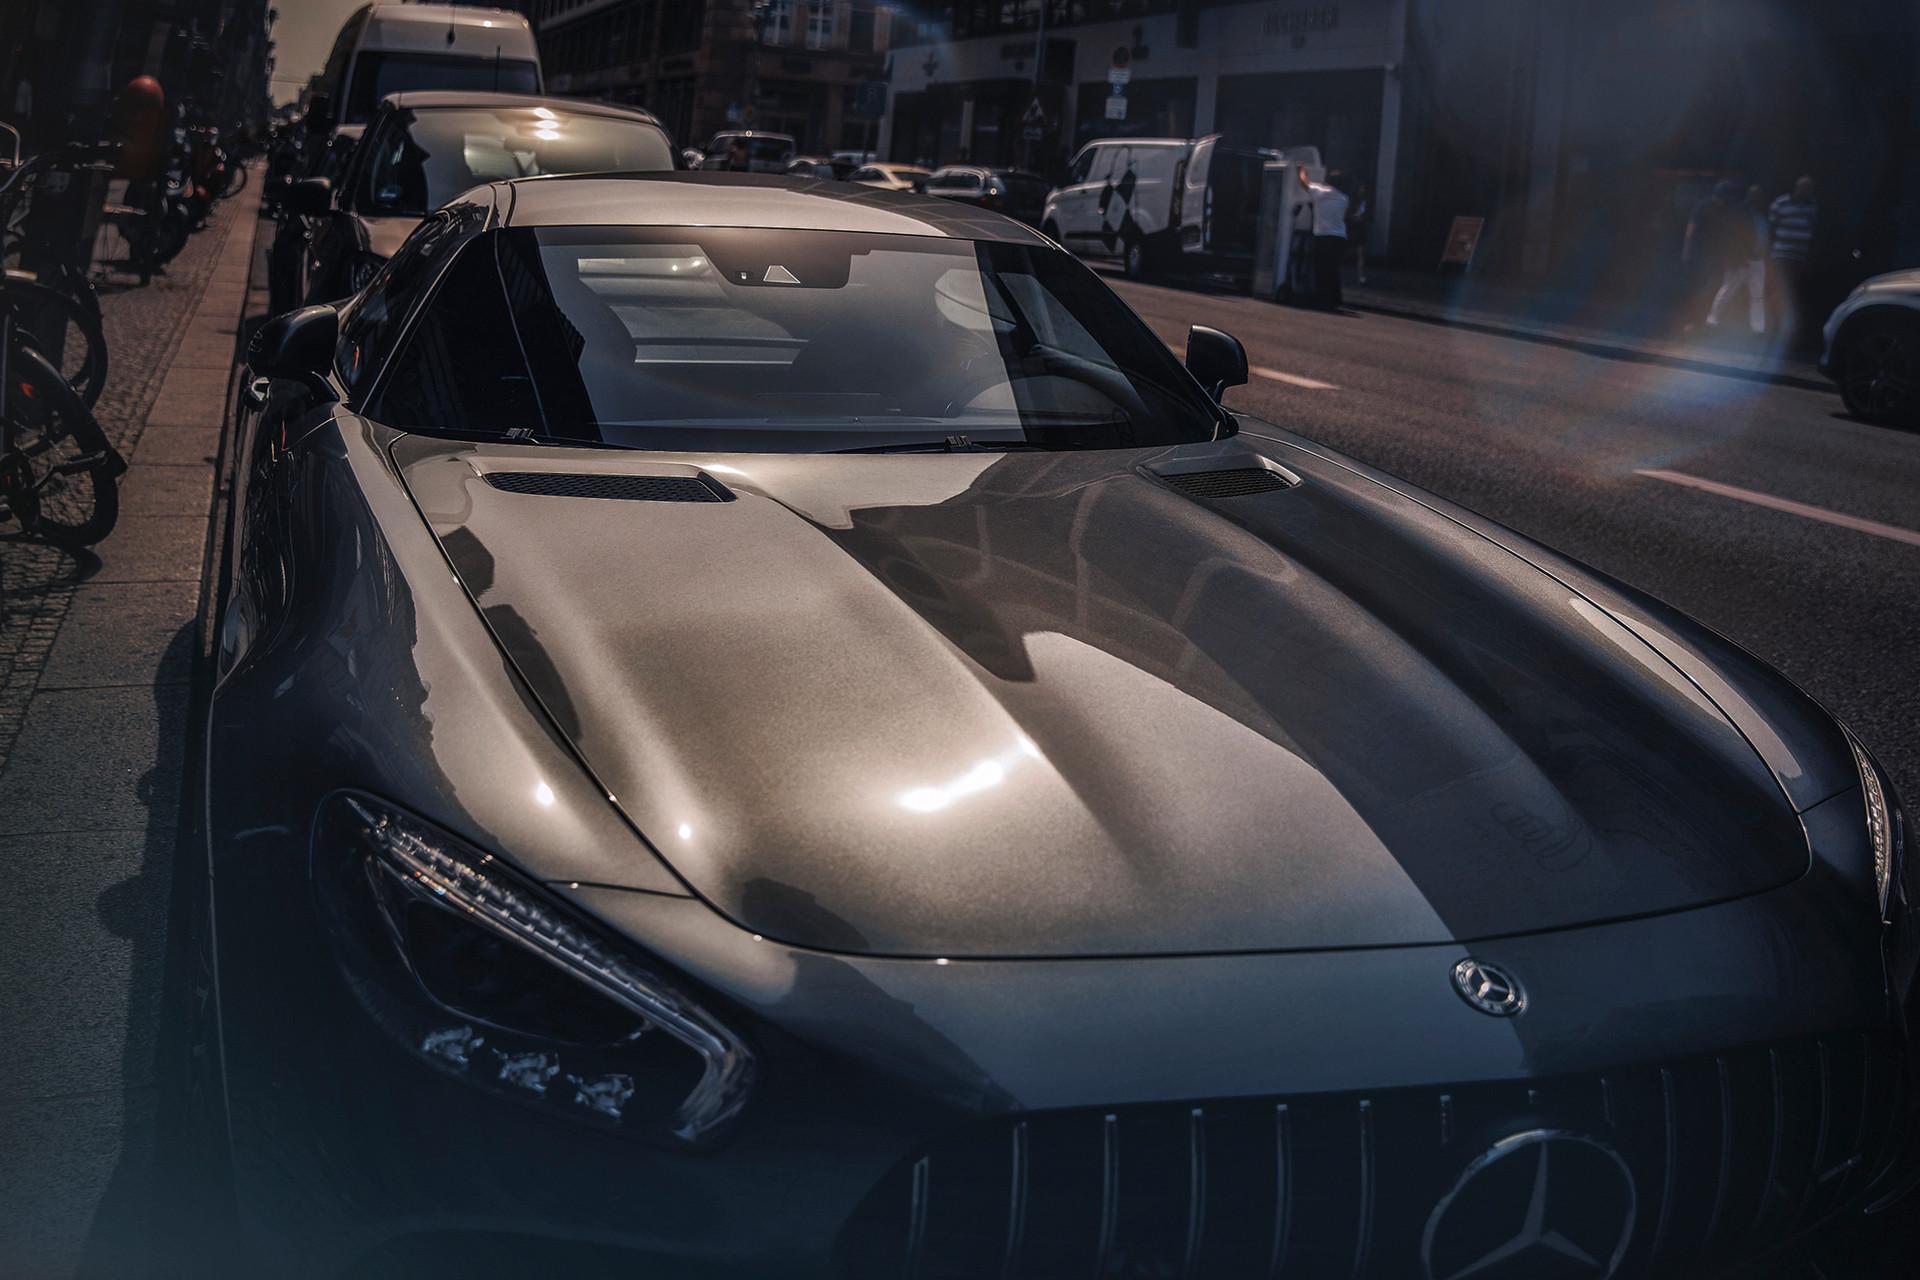 Mercedes_GT_1_fin_1500px.jpg